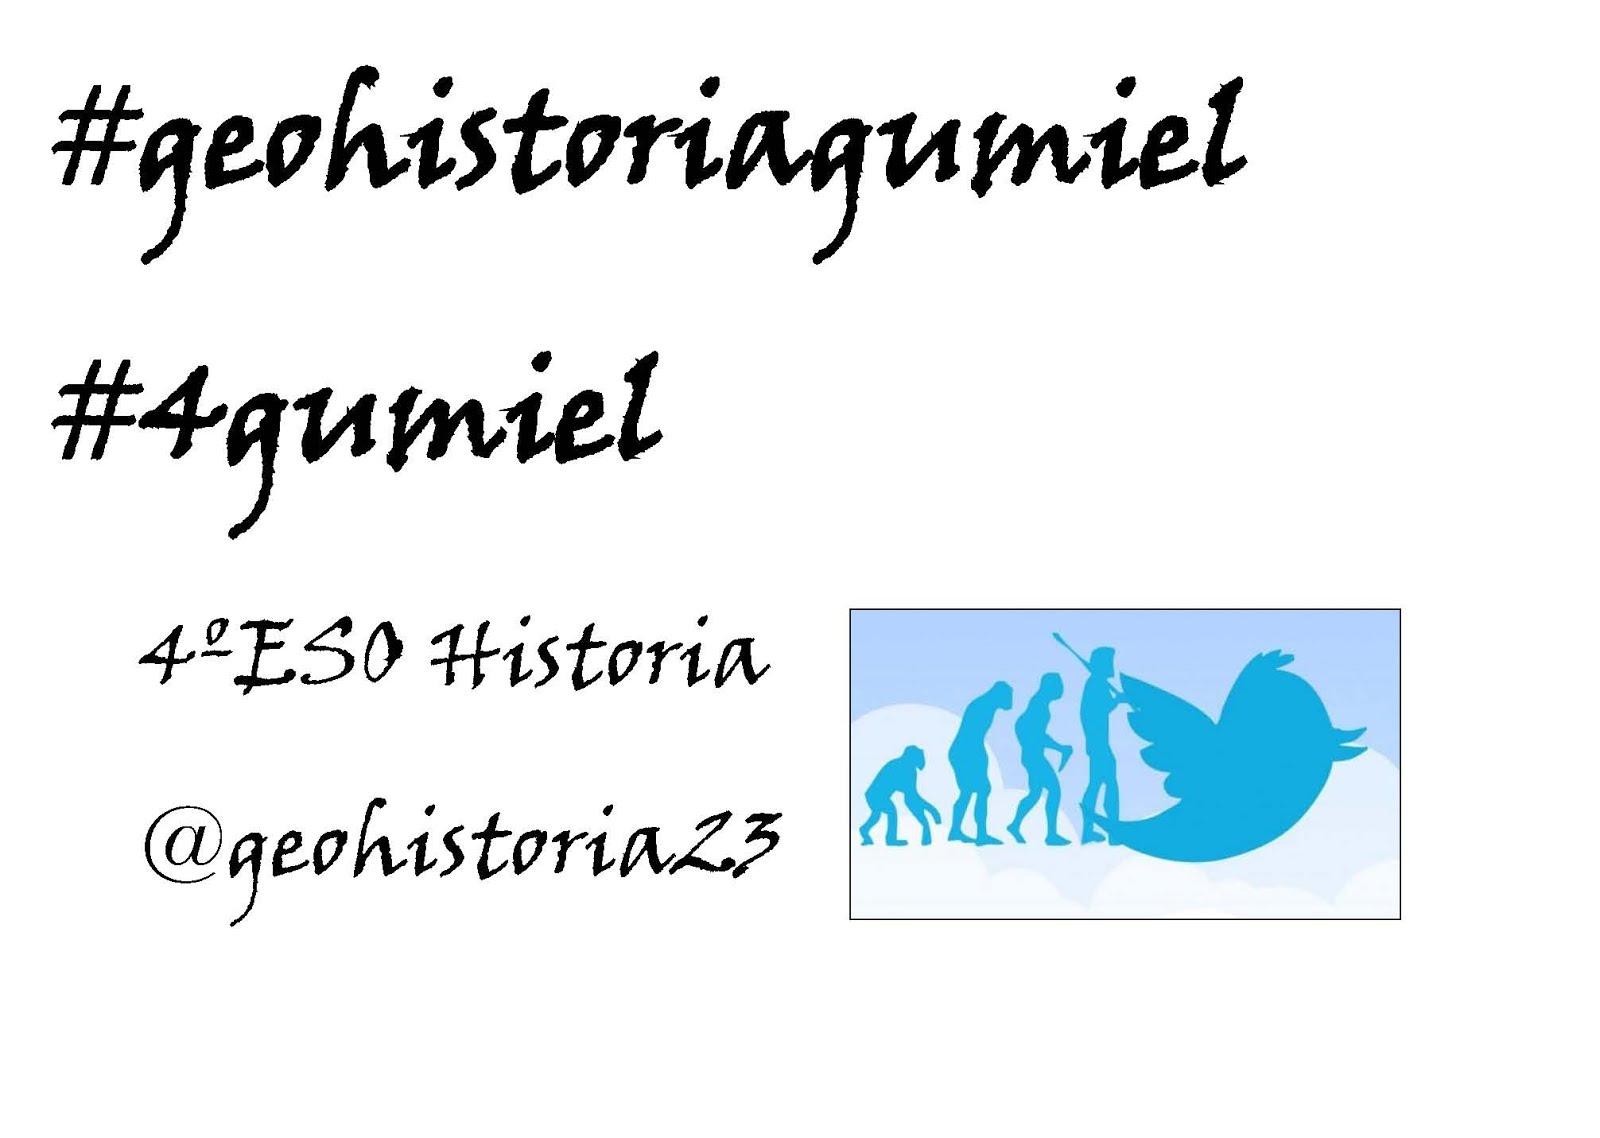 4ºESO Hashtag 2016/17